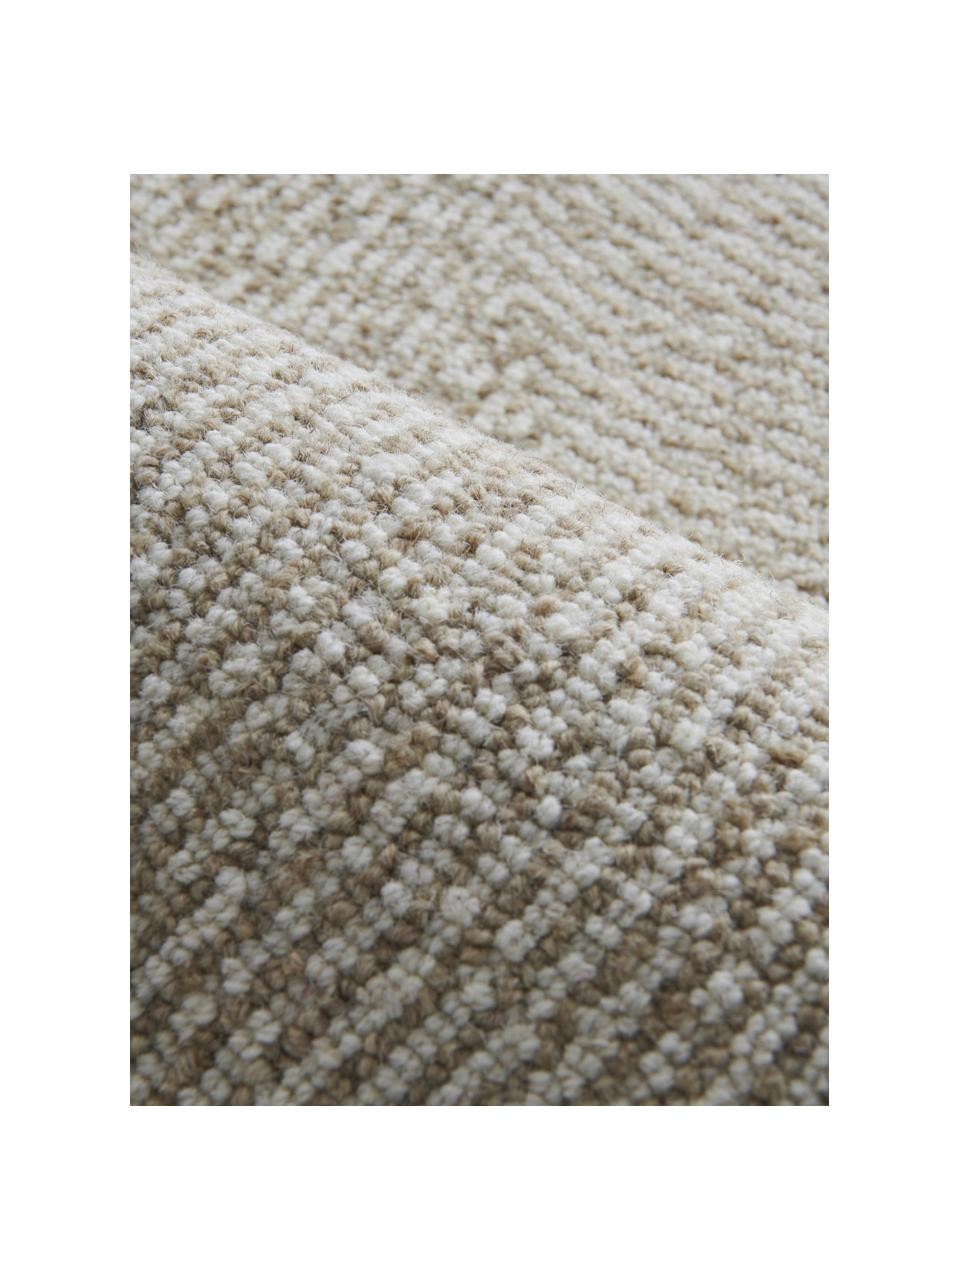 Tappeto tessuto a mano con motivo ondulato Canyon, 51% poliestere, 49% lana, Beige, Larg. 200 x Lung. 300 cm (taglia L)